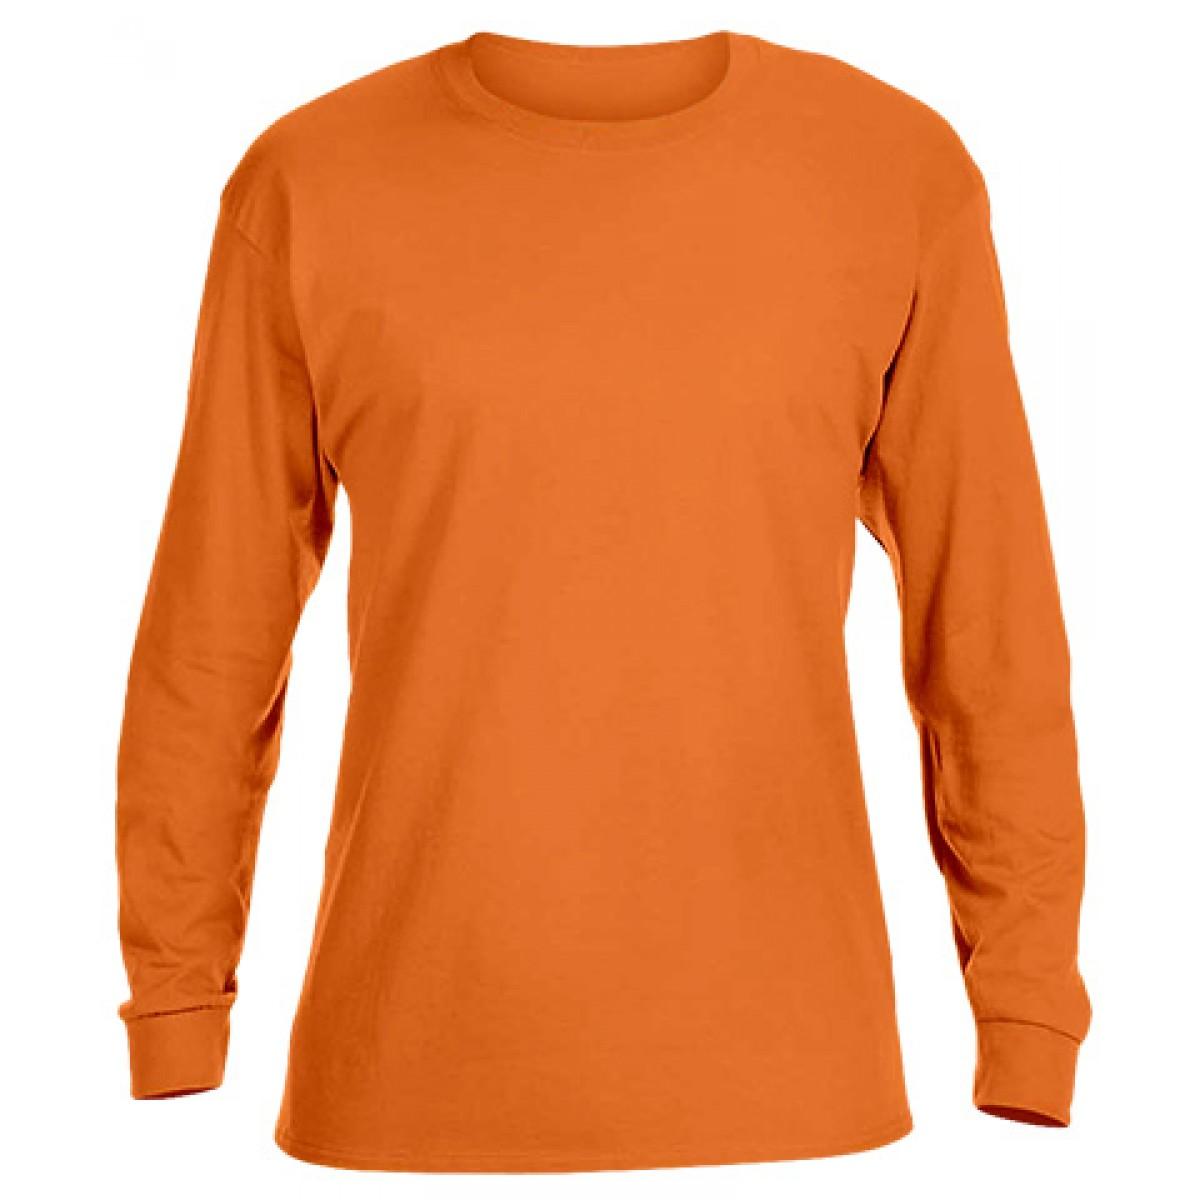 Basic Long Sleeve Crew Neck -Orange-3XL